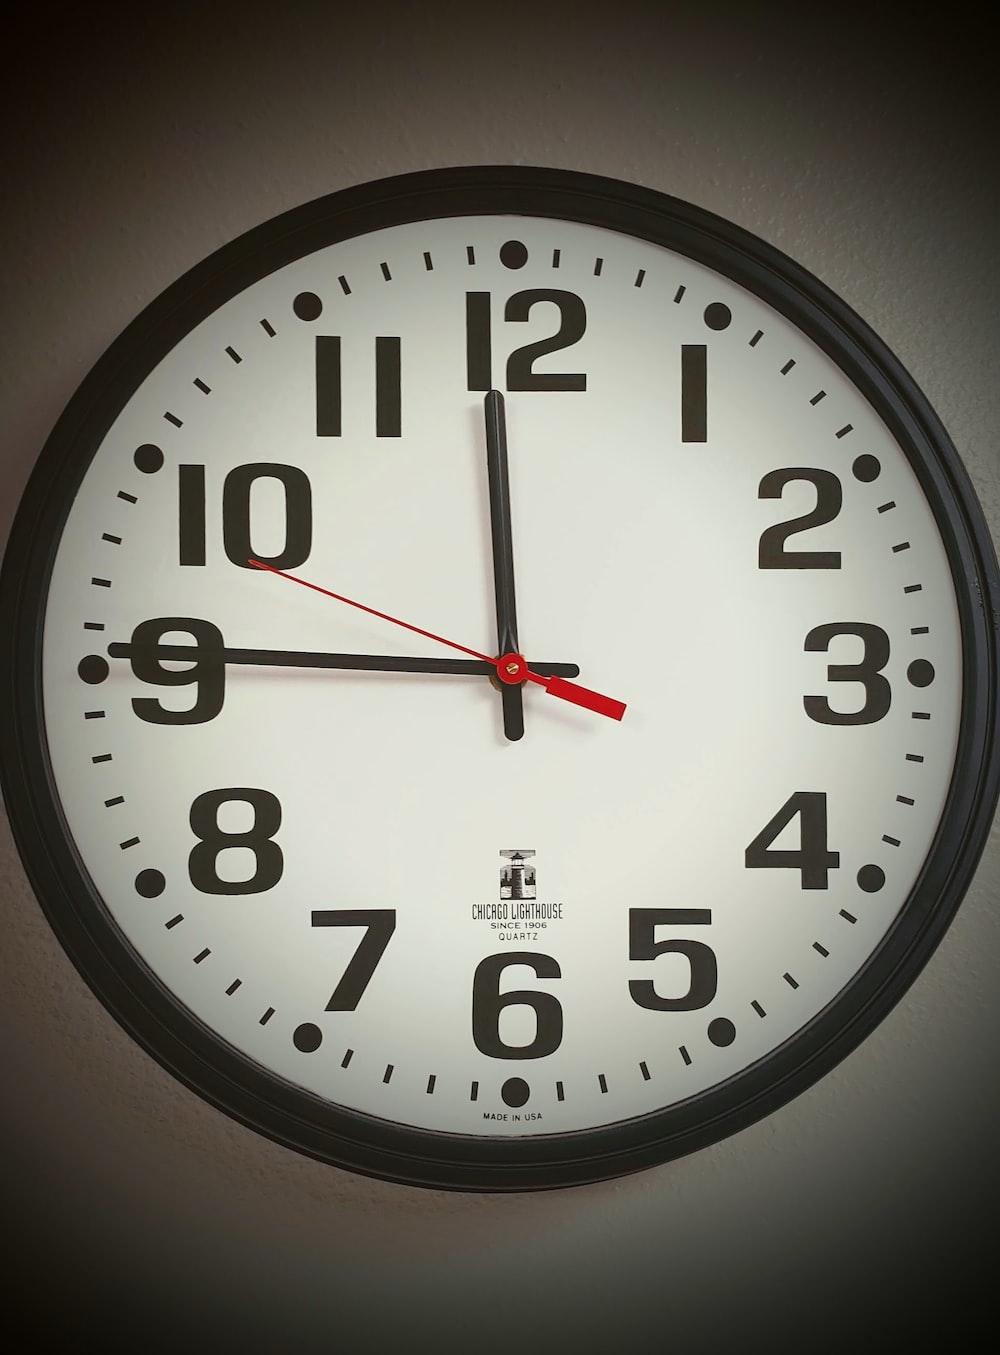 analog wall clock at 11:45